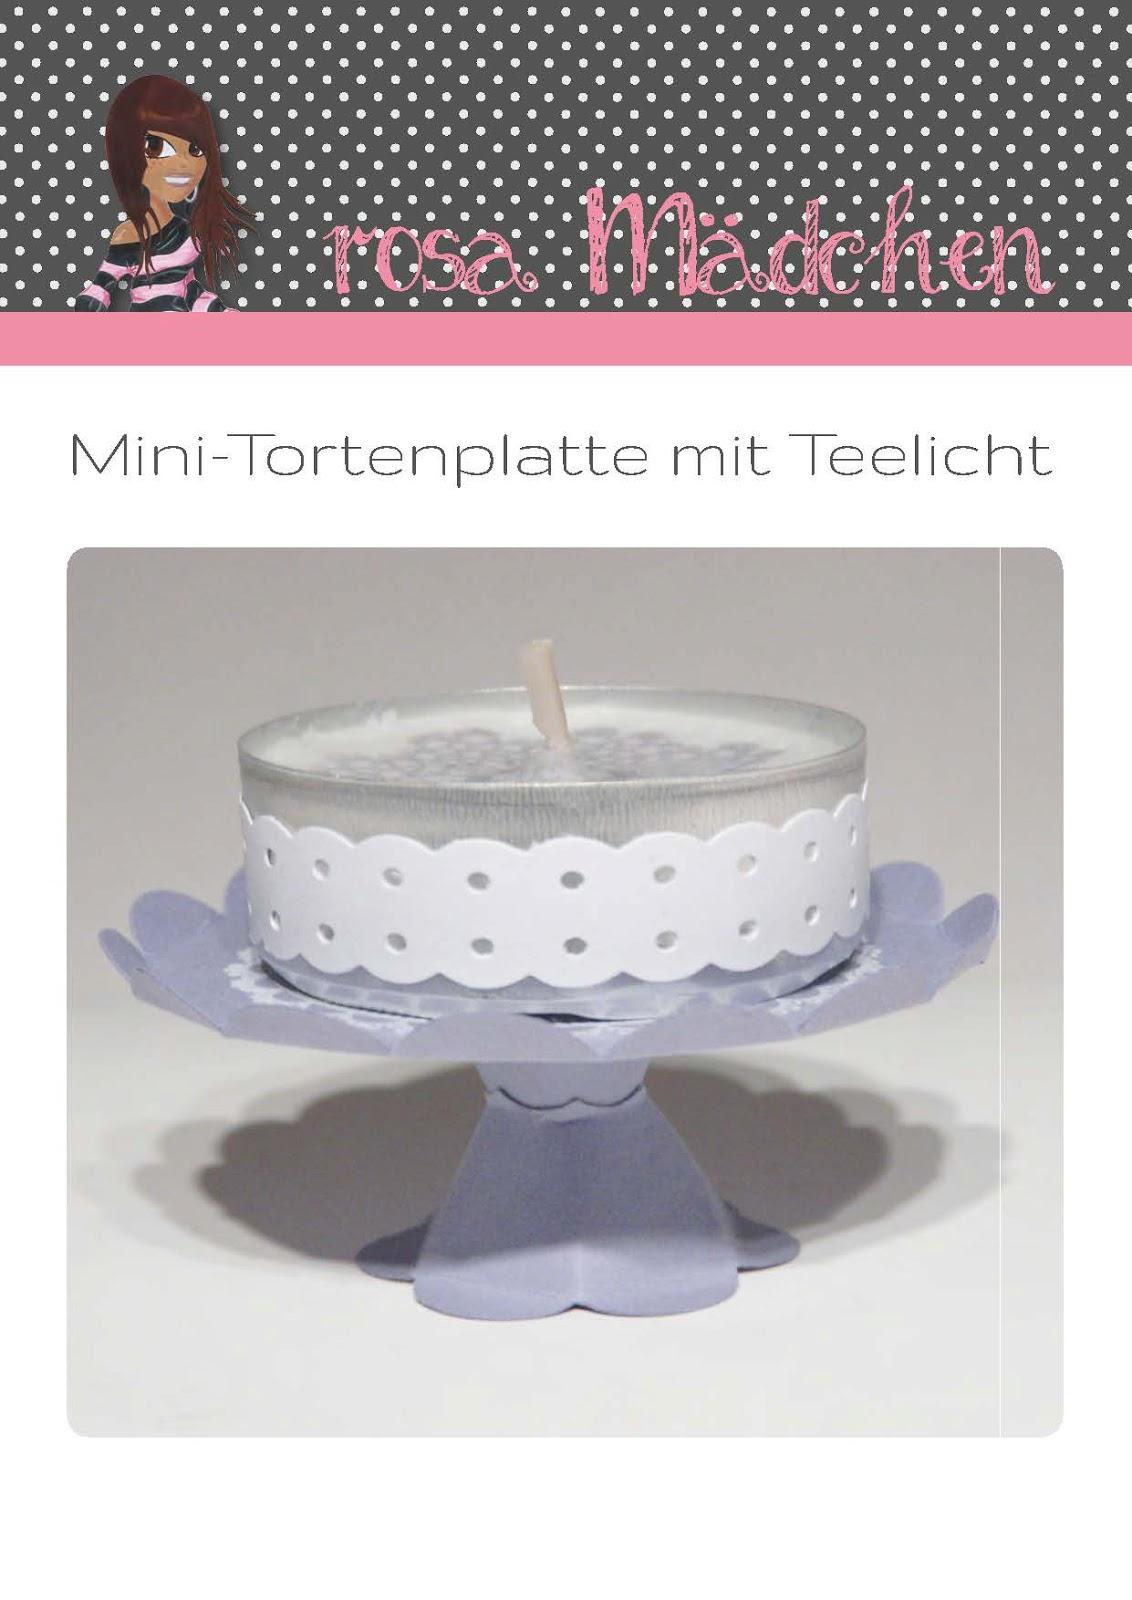 Stampin' Up! Anleitung zur Mini-Tortenplatte